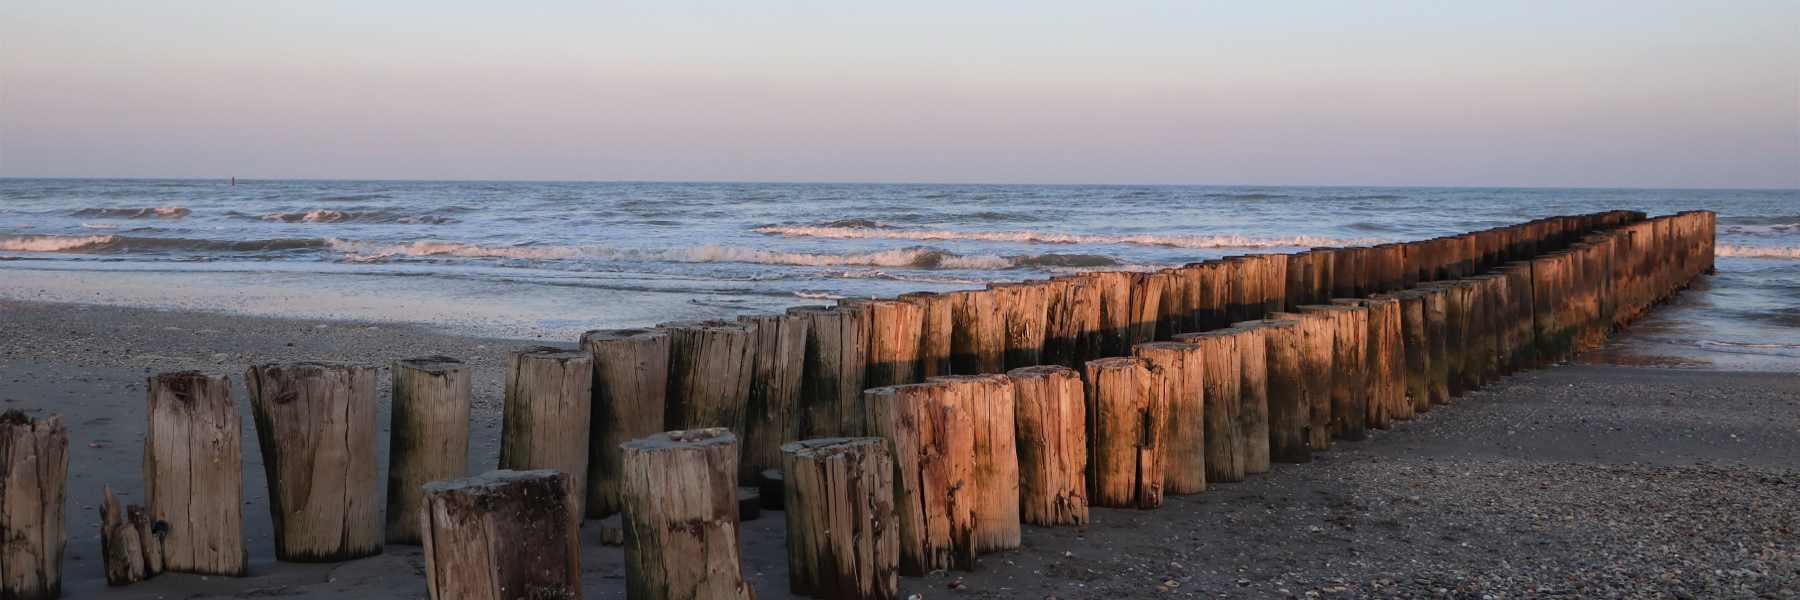 Mare, tronchi di legno - FR